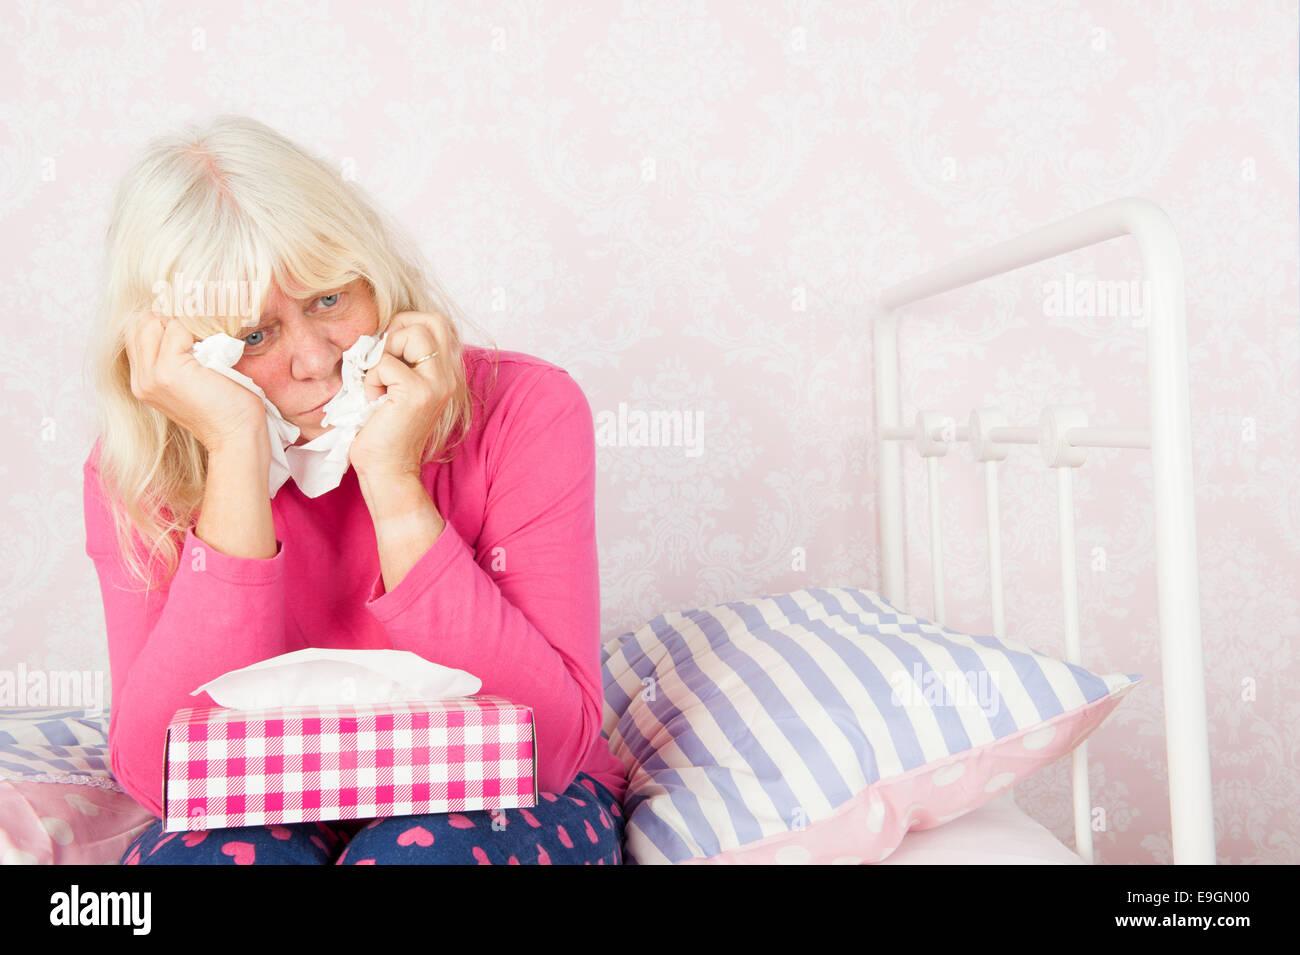 Triste mujer con pijama rosa y tejidos sentado en el borde de la cama Imagen De Stock